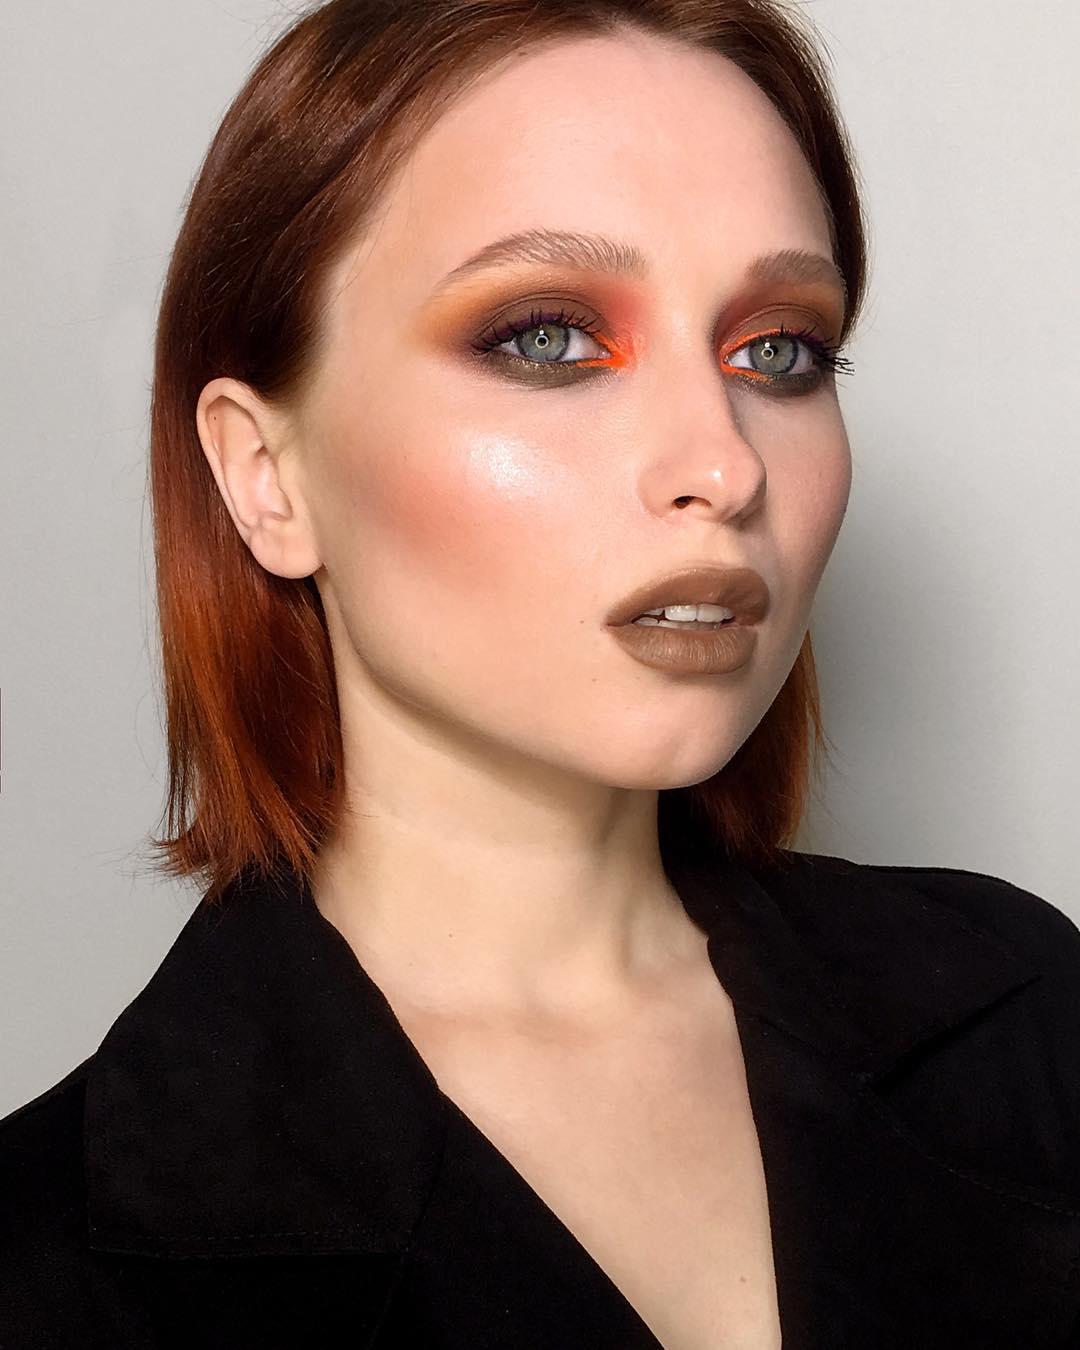 макияж глаз для рыжих фото 7